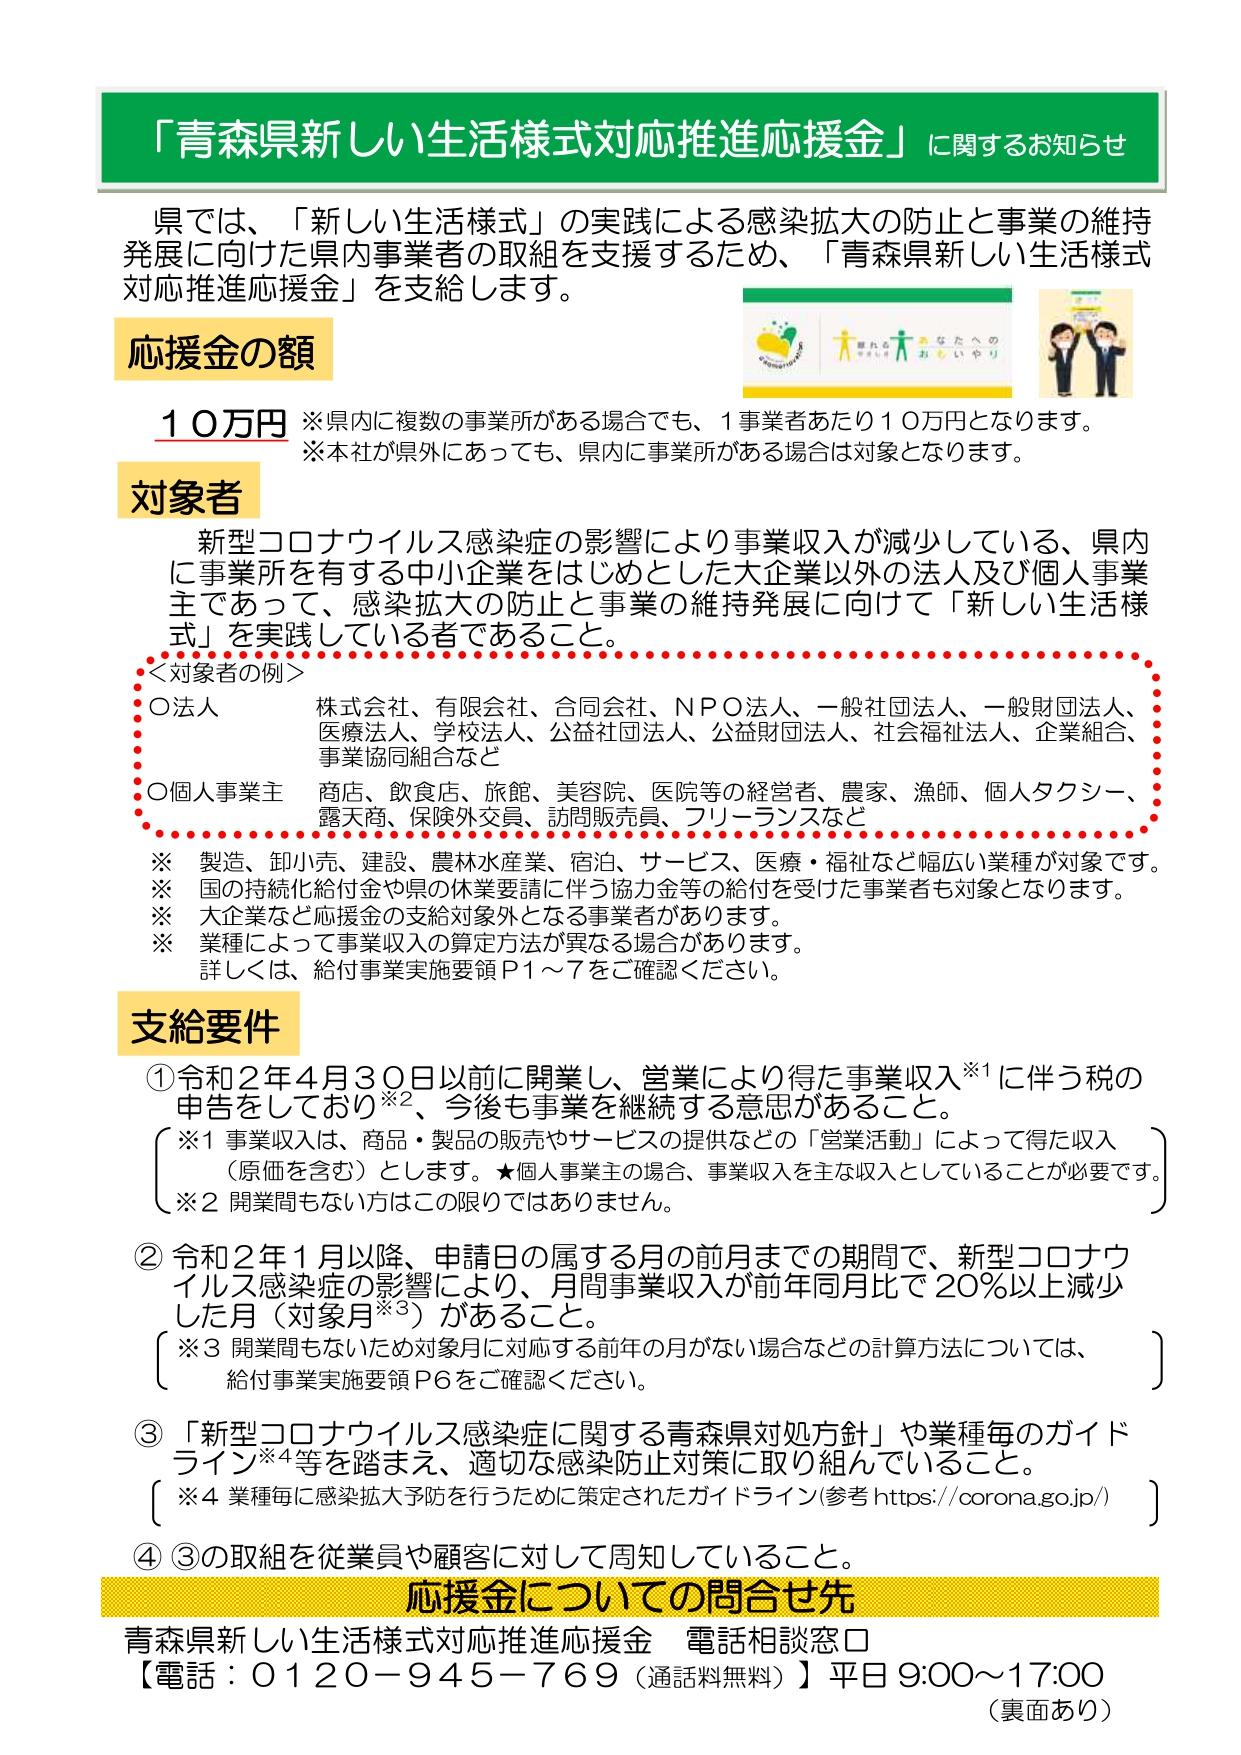 最新 青森 者 コロナ 県 感染 新型コロナウイルス 都道府県別の感染者数・感染者マップ NHK特設サイト